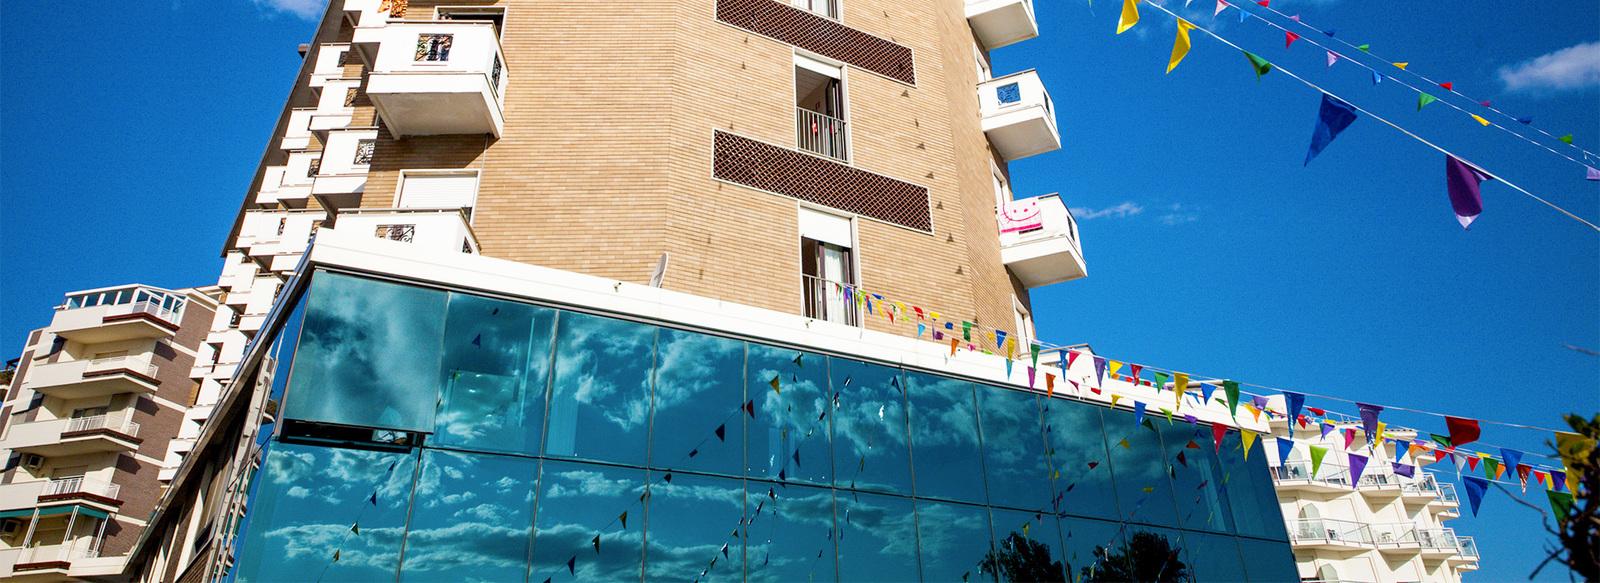 Hotel fronte mare